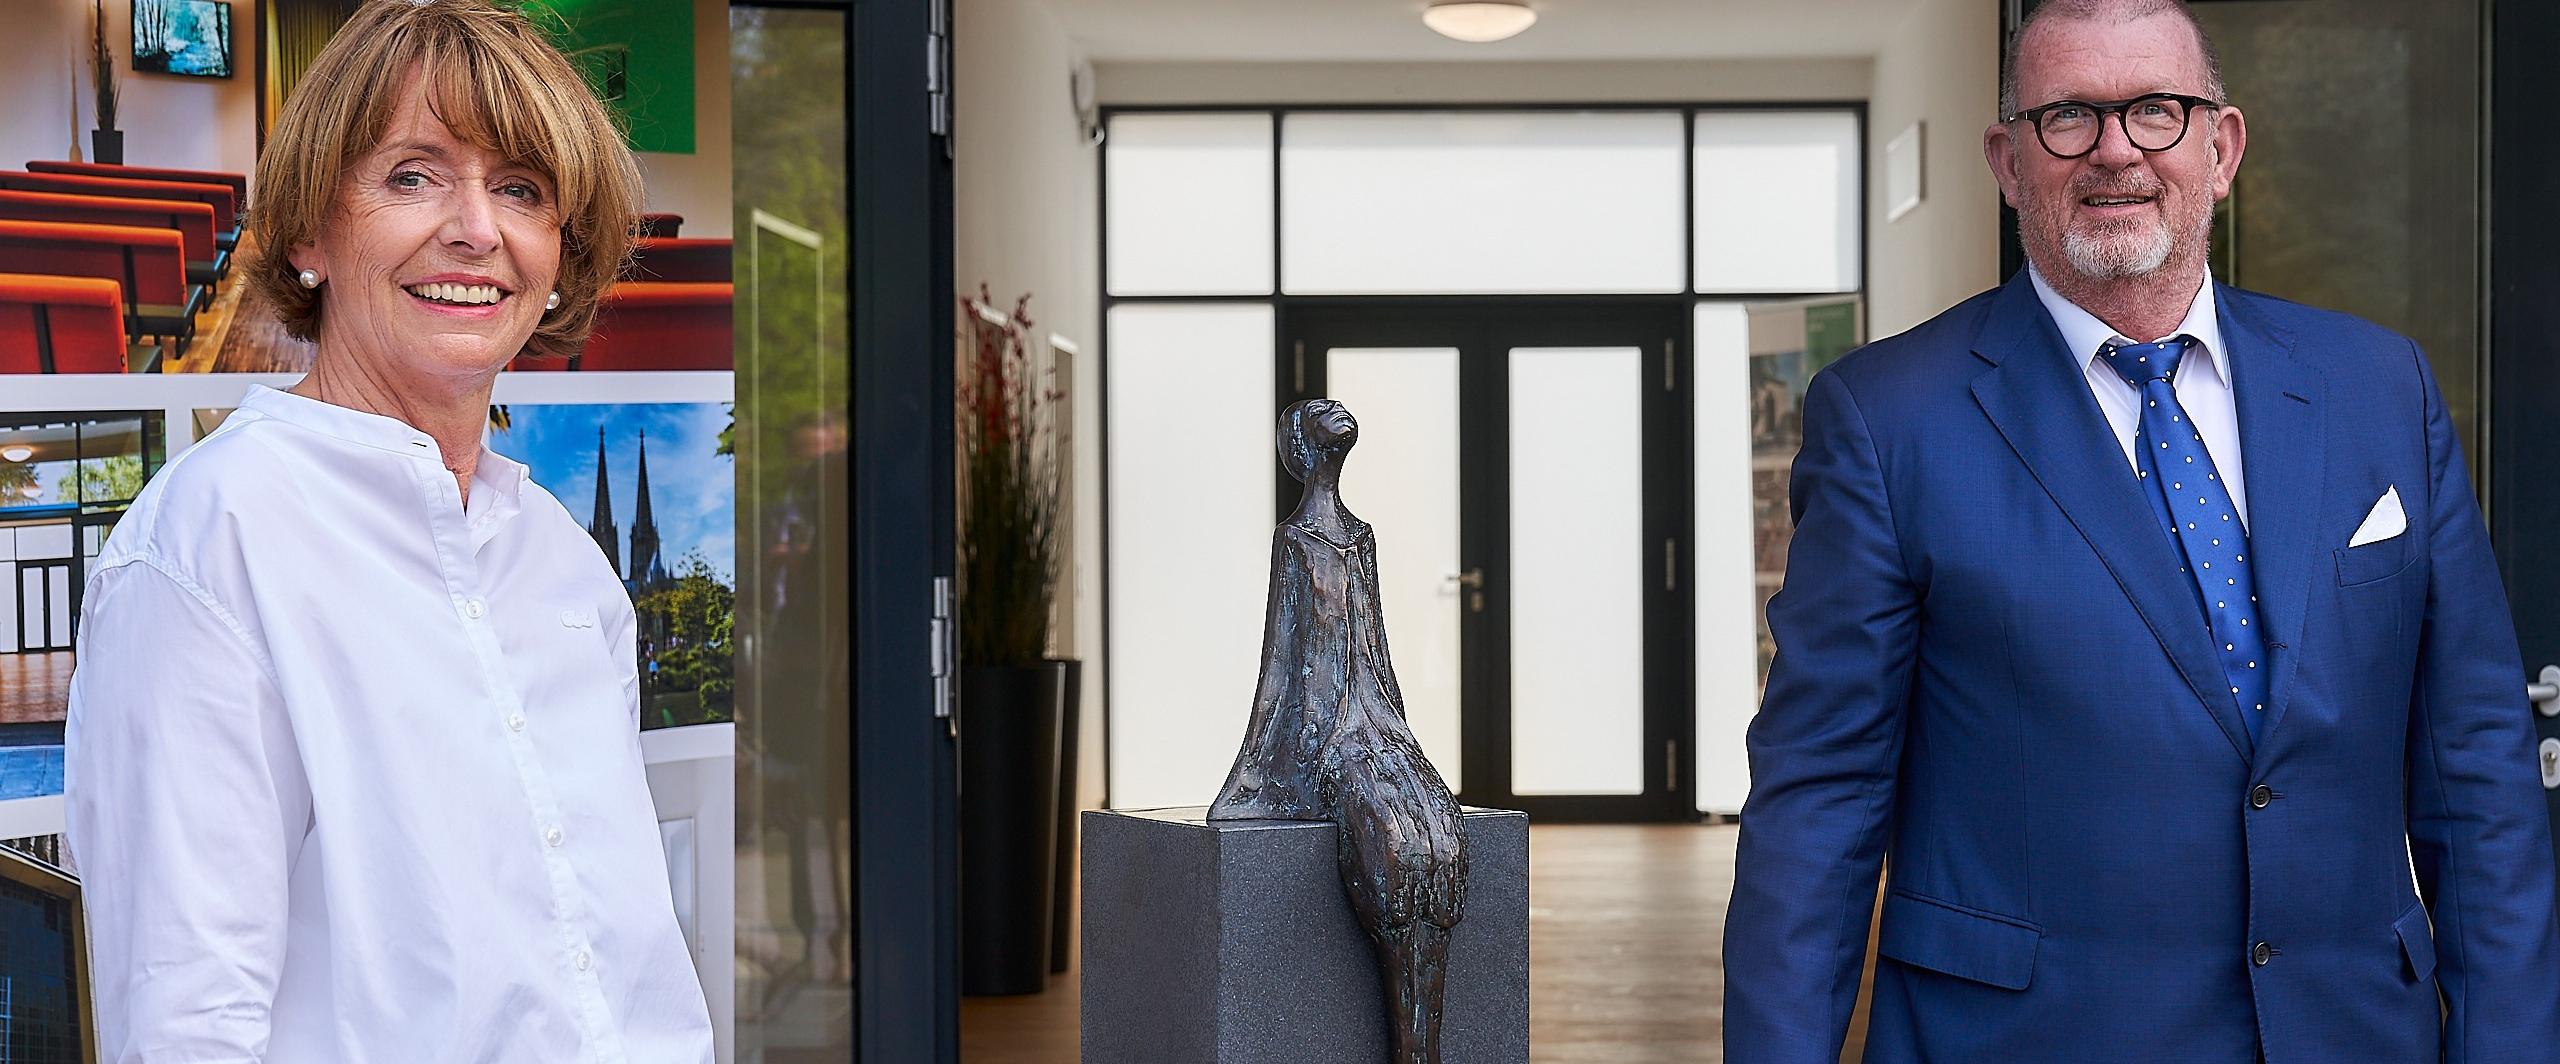 Oberbürgemeisterin H. Reker wiedereröffnet Krematorium Köln